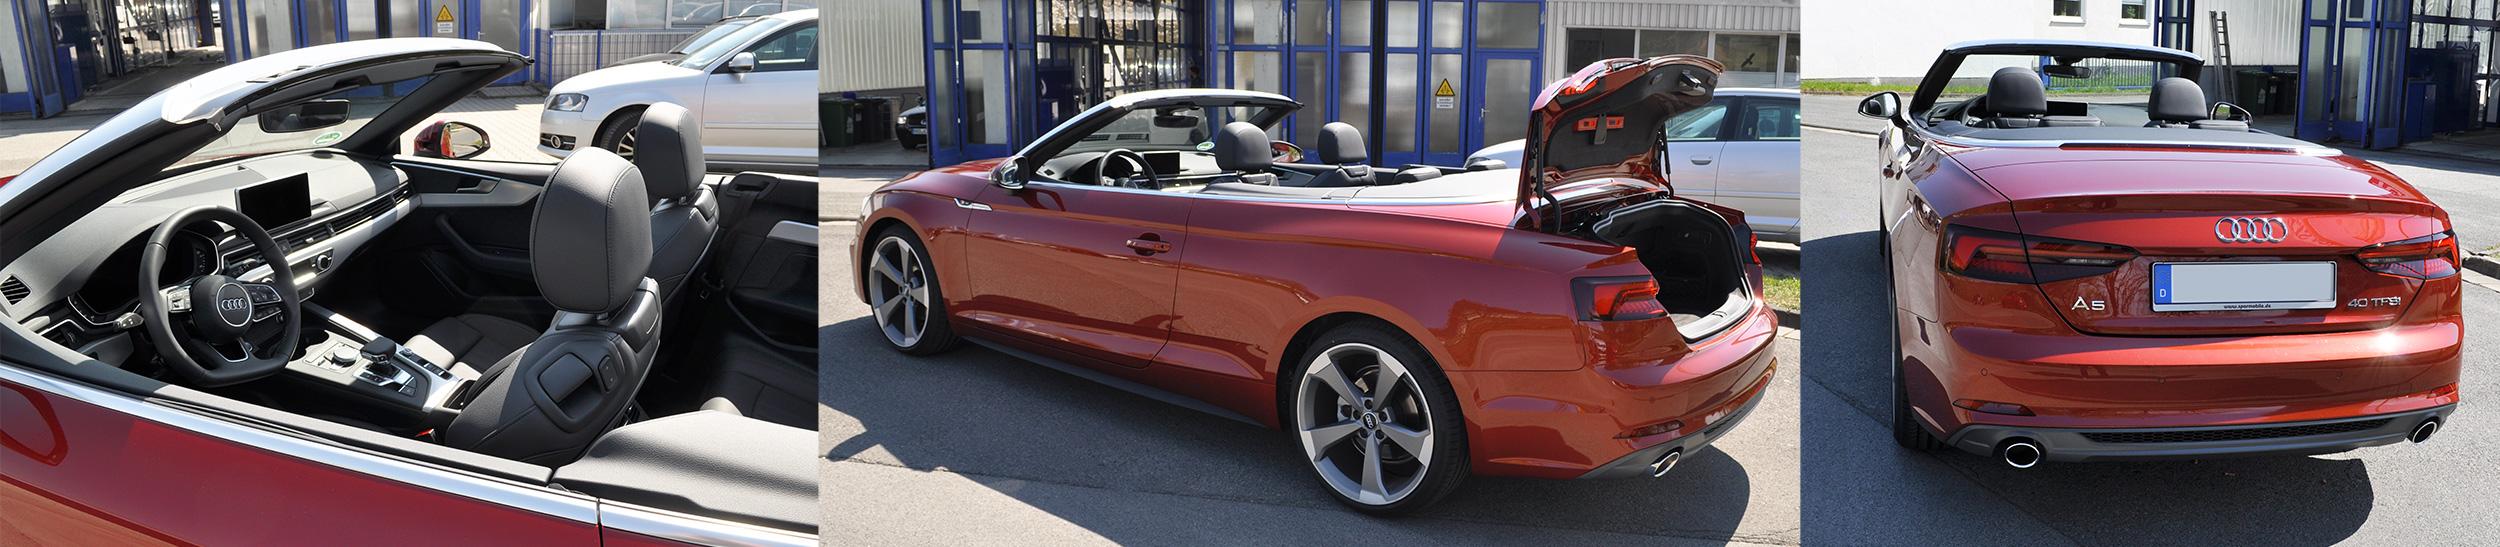 Audi A5 Cabrio S-Line Ausstattung